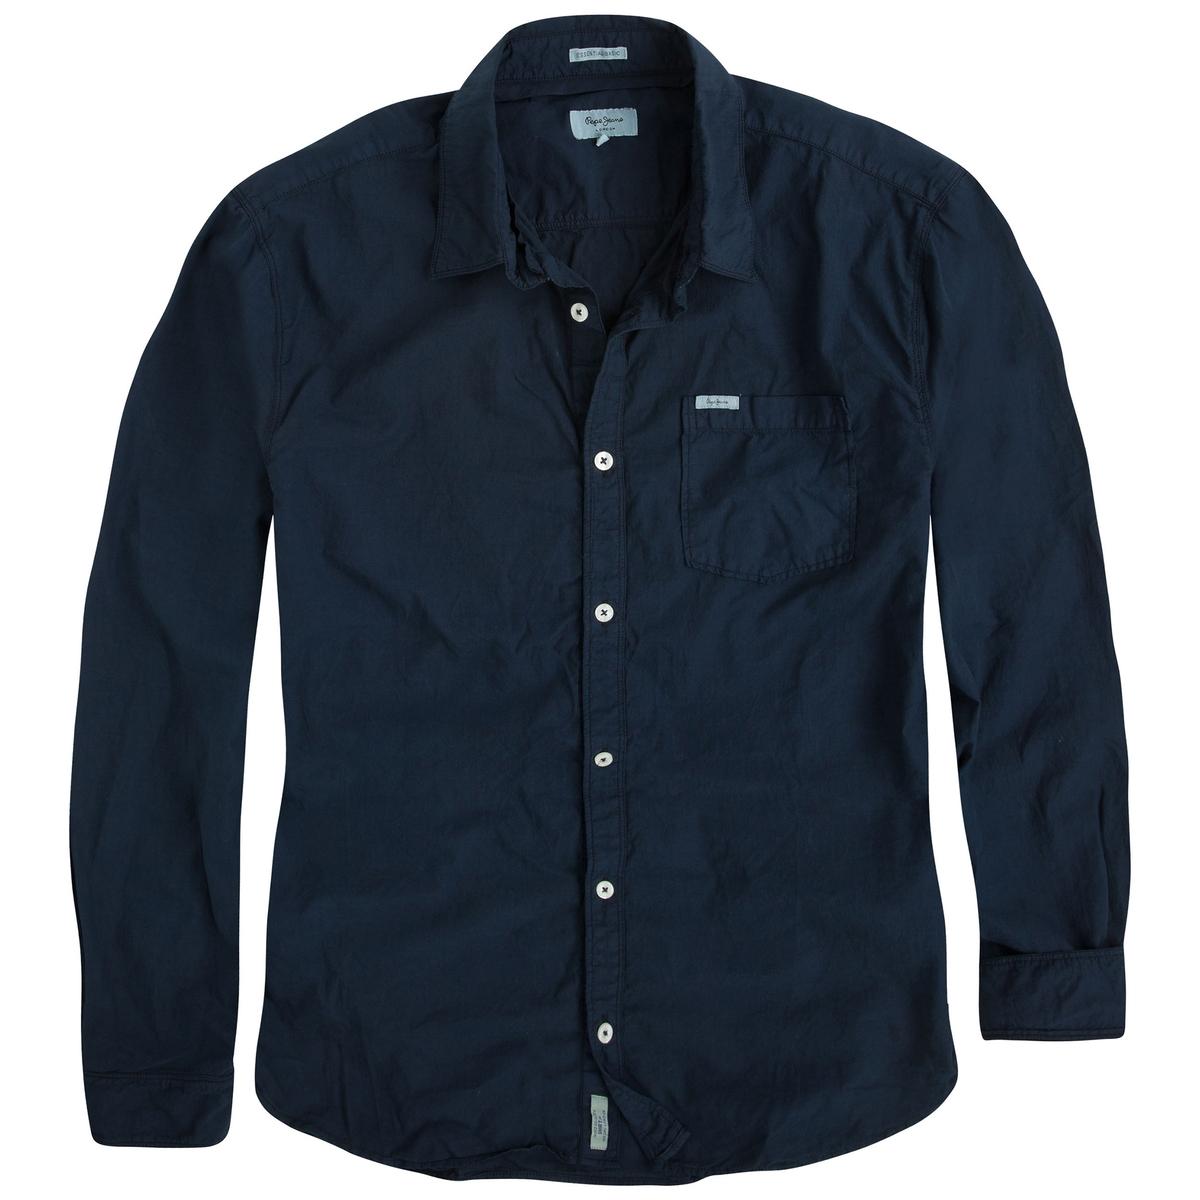 Рубашка Moringa из хлопкаОднотонная рубашка MORINGA от марки PEPE JEANS®.  - Длинные рукава с манжетами на пуговицах- Прямой покрой, слегка закругленный низ- Классический воротник со свободными уголками. - 1 нагрудный карманСостав и описание :Основной материал : 100% хлопокМарка : PEPE JEANS®Уход :Следуйте рекомендациям, указанным на этикетке изделия.<br><br>Цвет: темно-синий<br>Размер: S